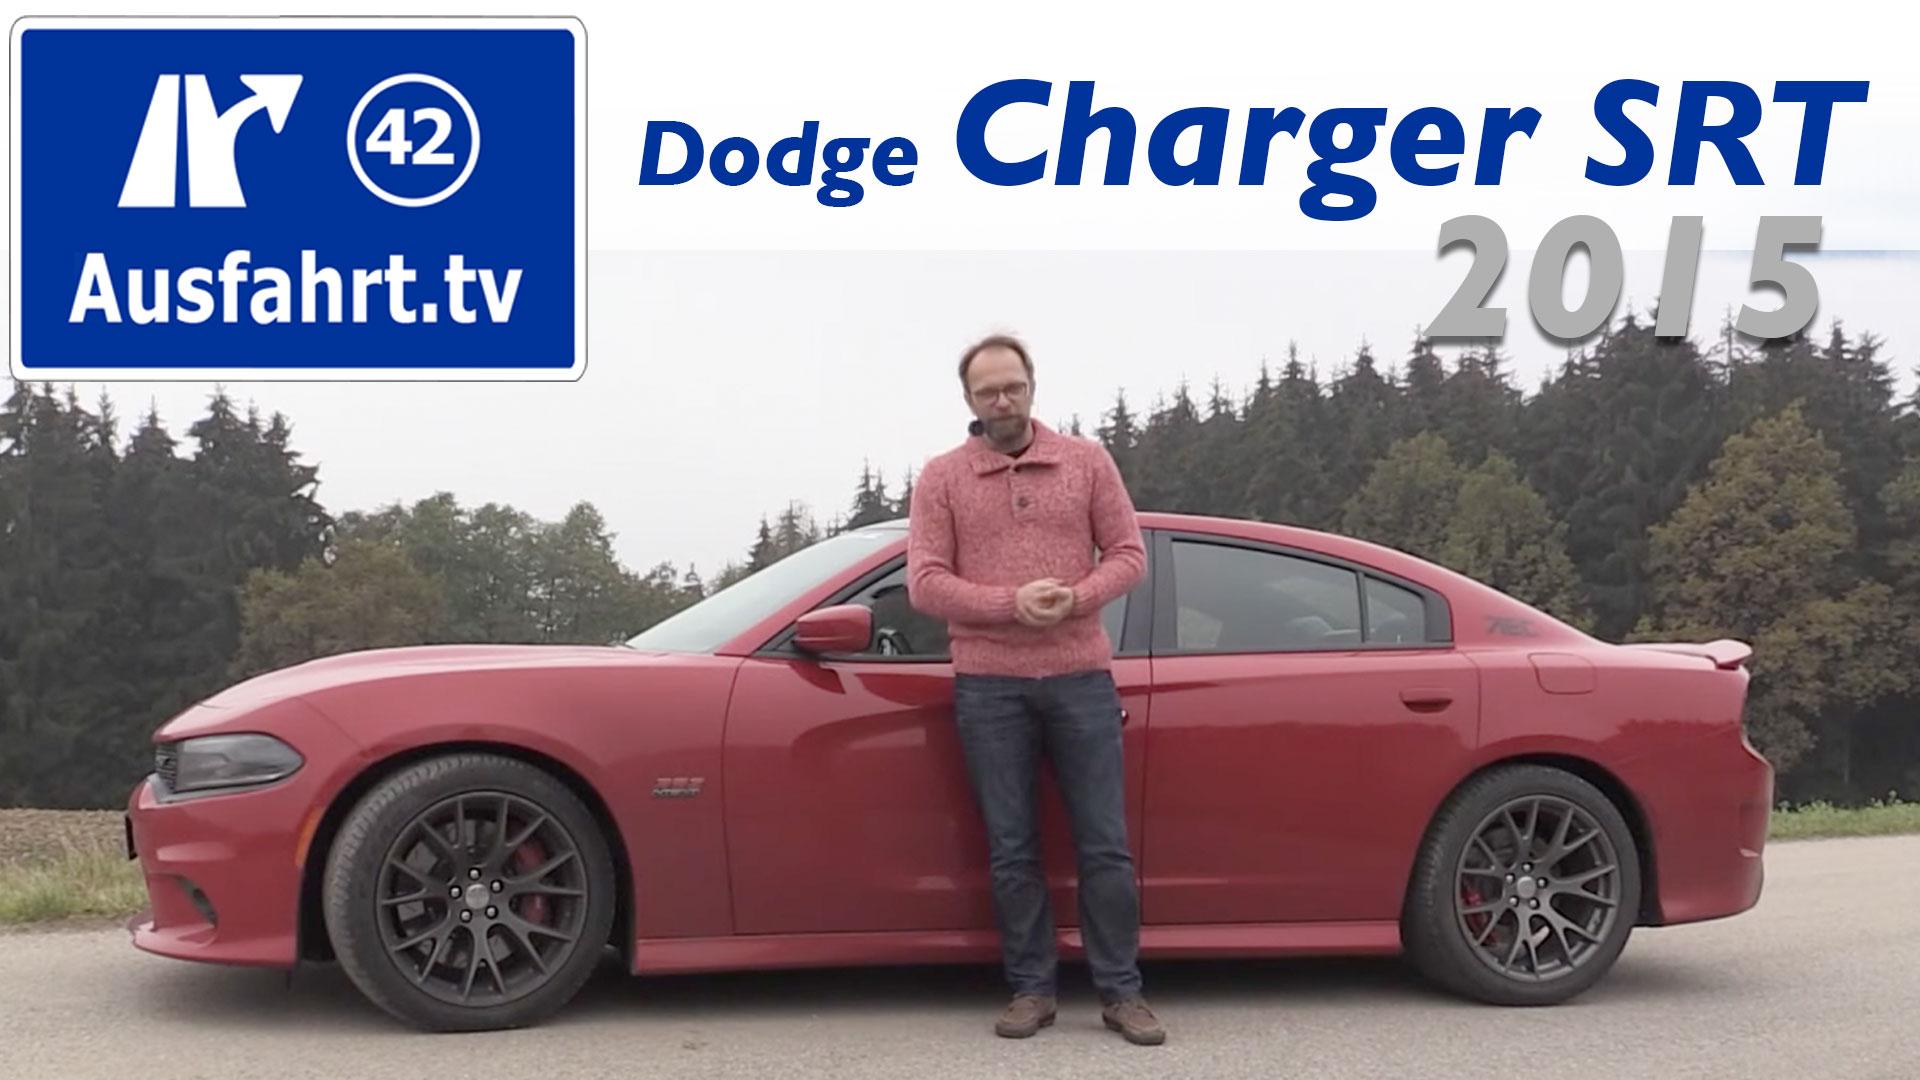 2015 Dodge Charger Srt 392 Ausfahrt Tv